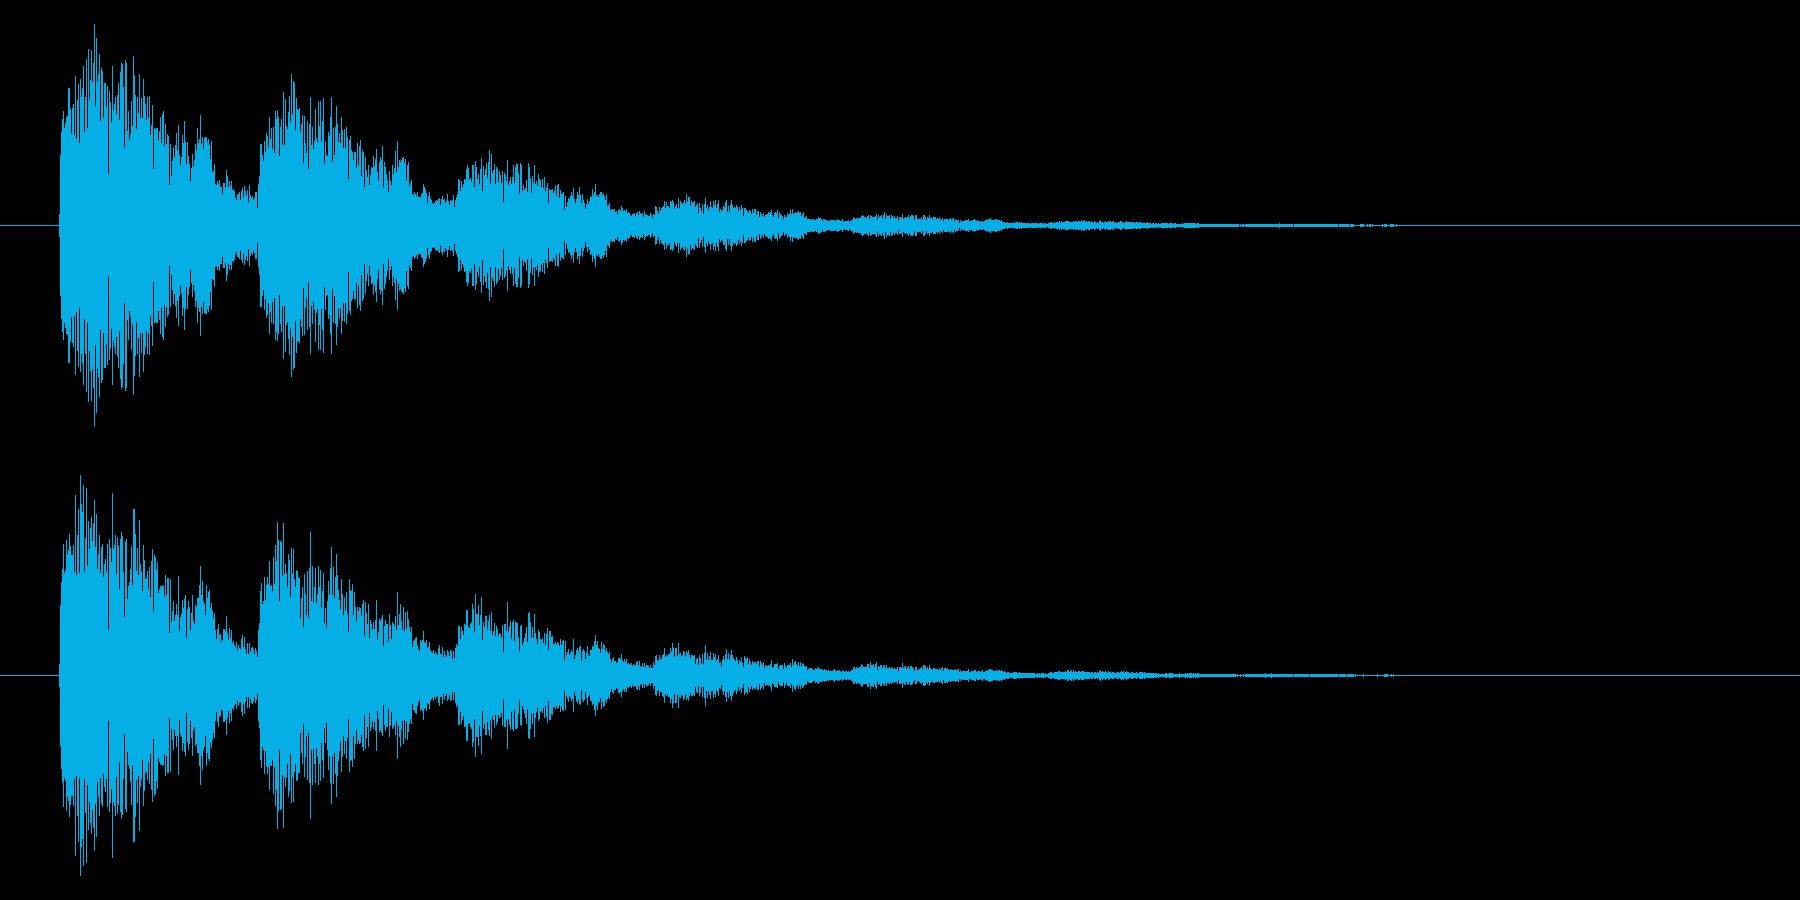 【アクセント43-2】の再生済みの波形